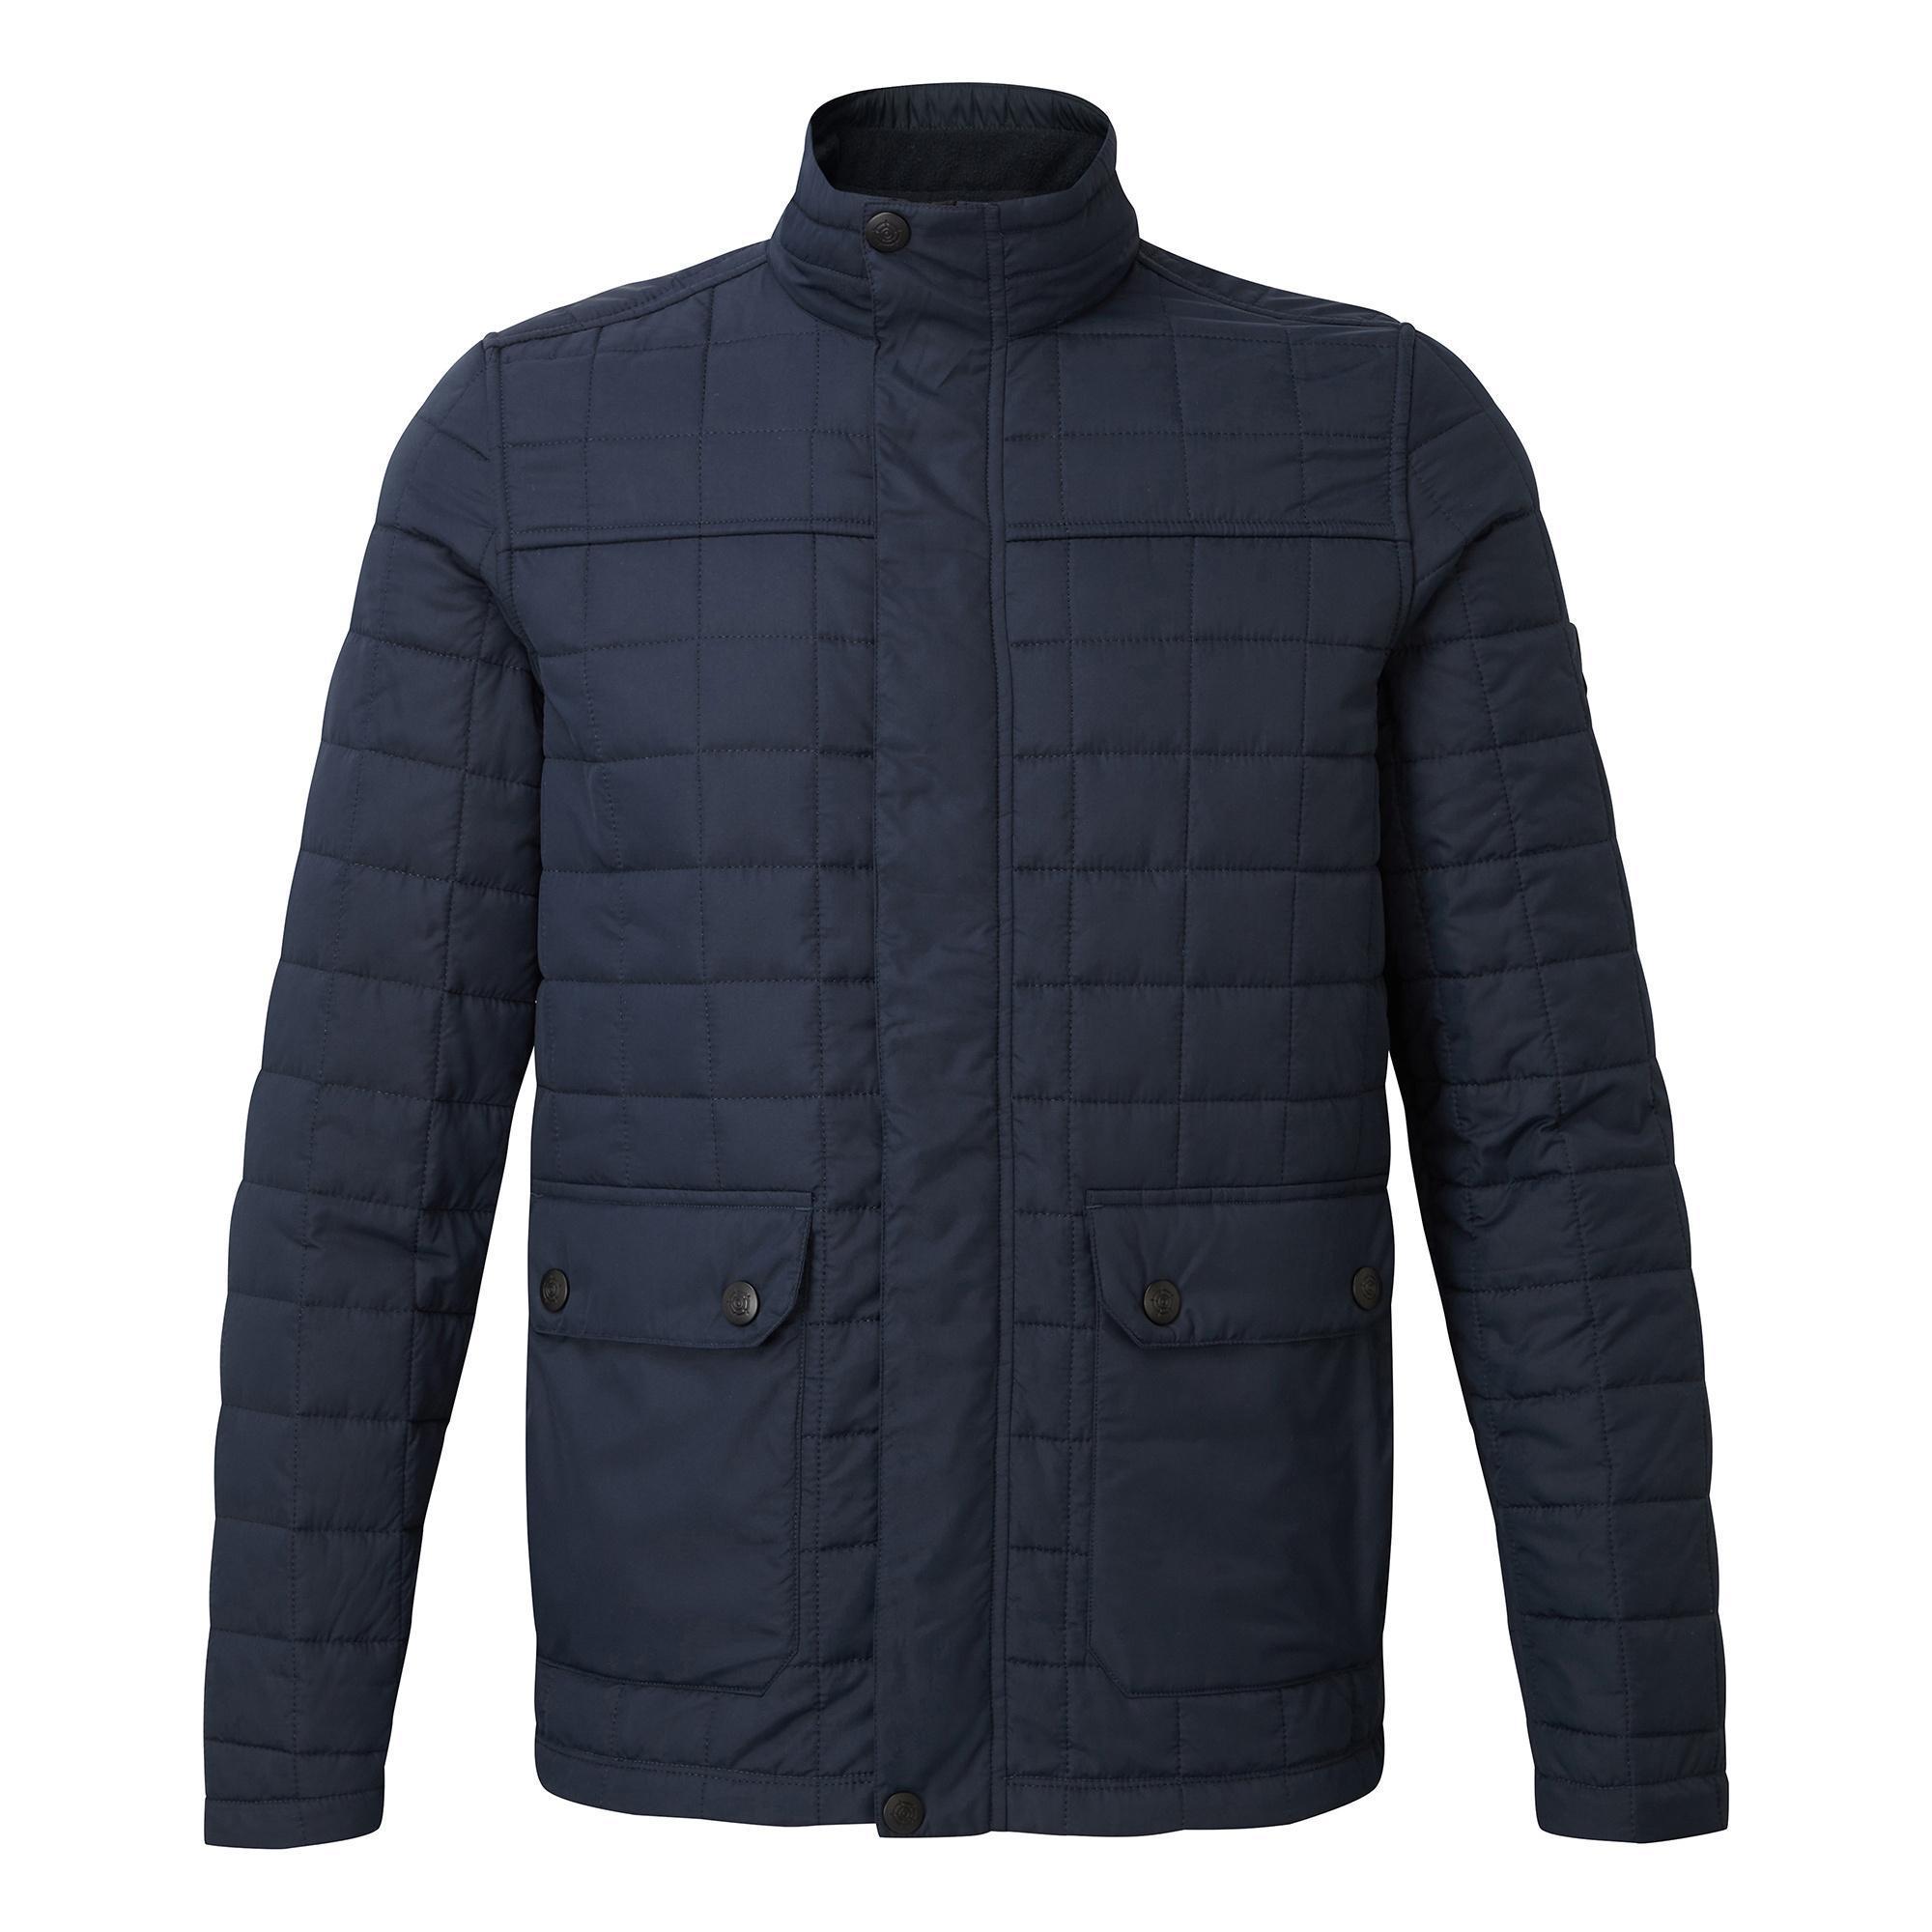 Tog 24 Dearne Tcz Thermal Jacket in Navy (Blue) for Men